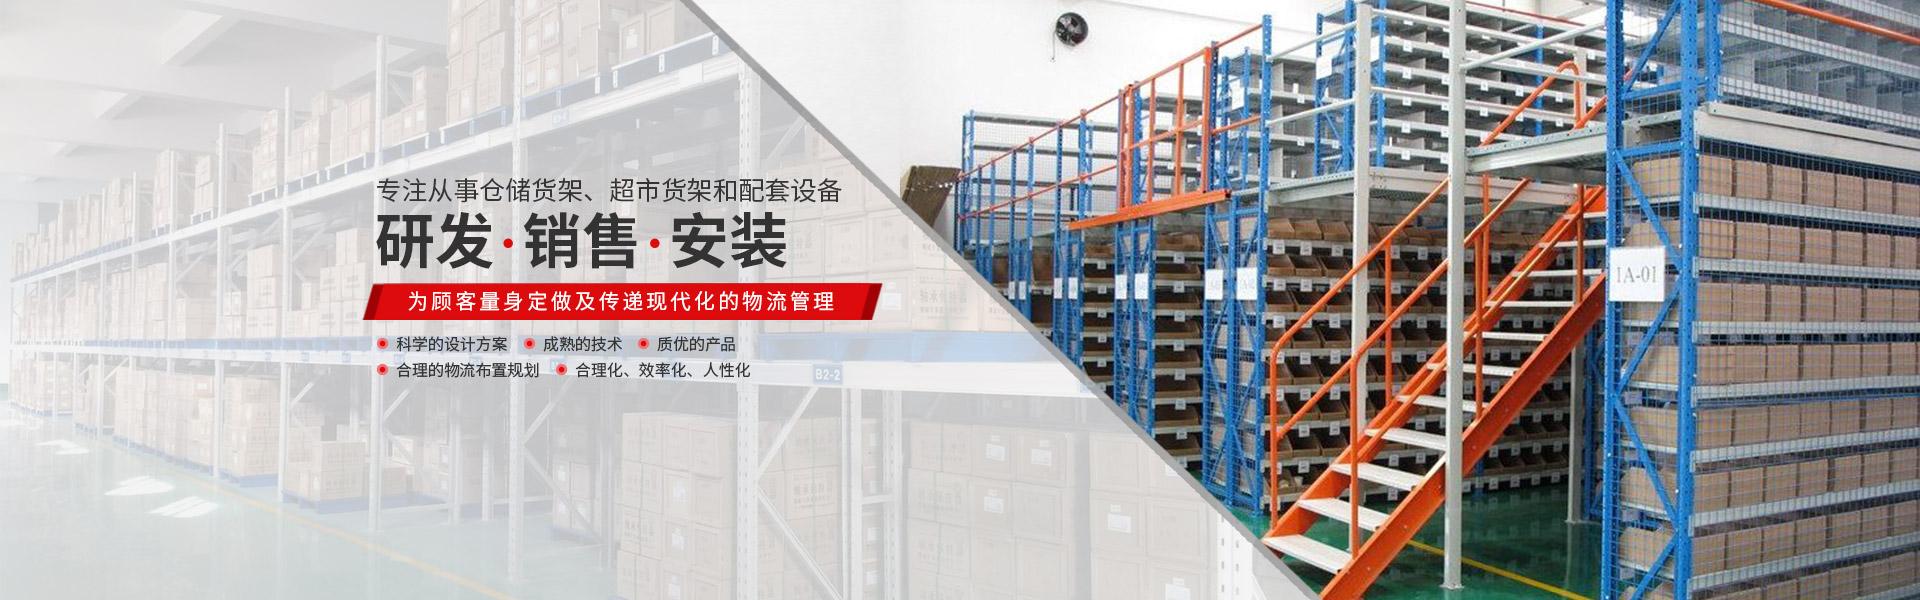 宁波东奥货架有限公司